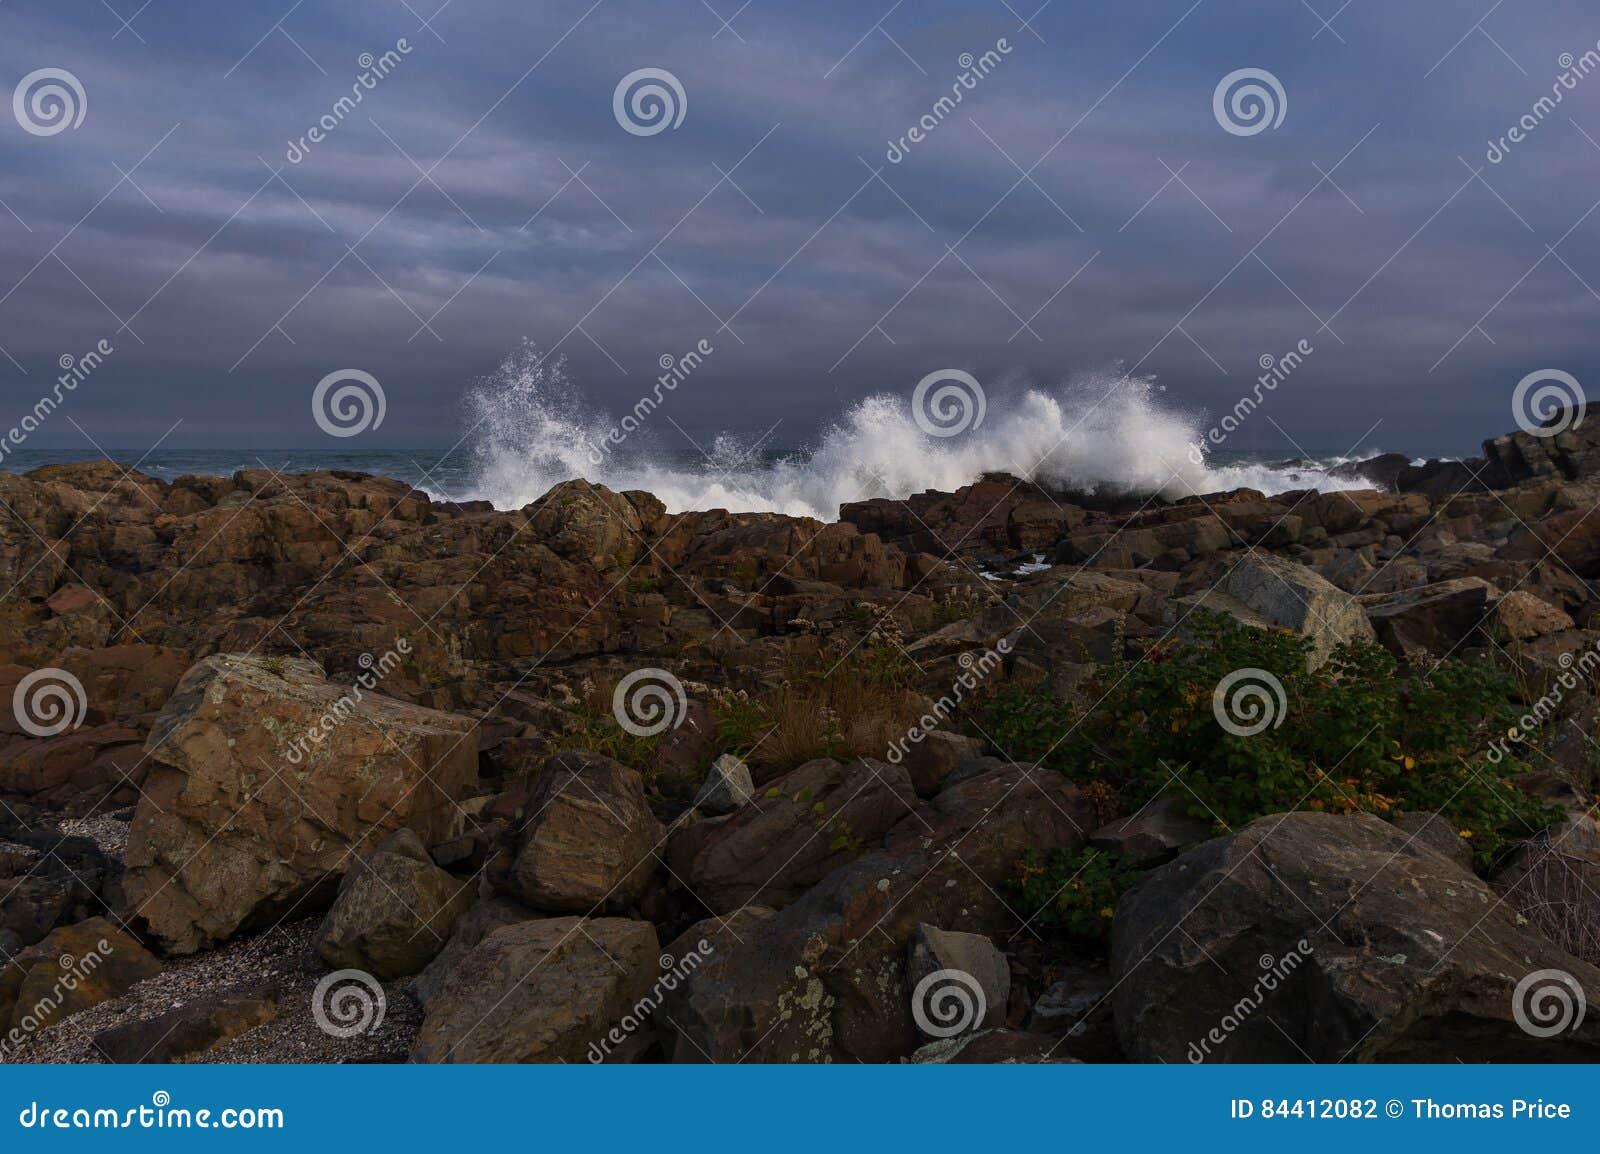 Crashing waves on the Maine coast